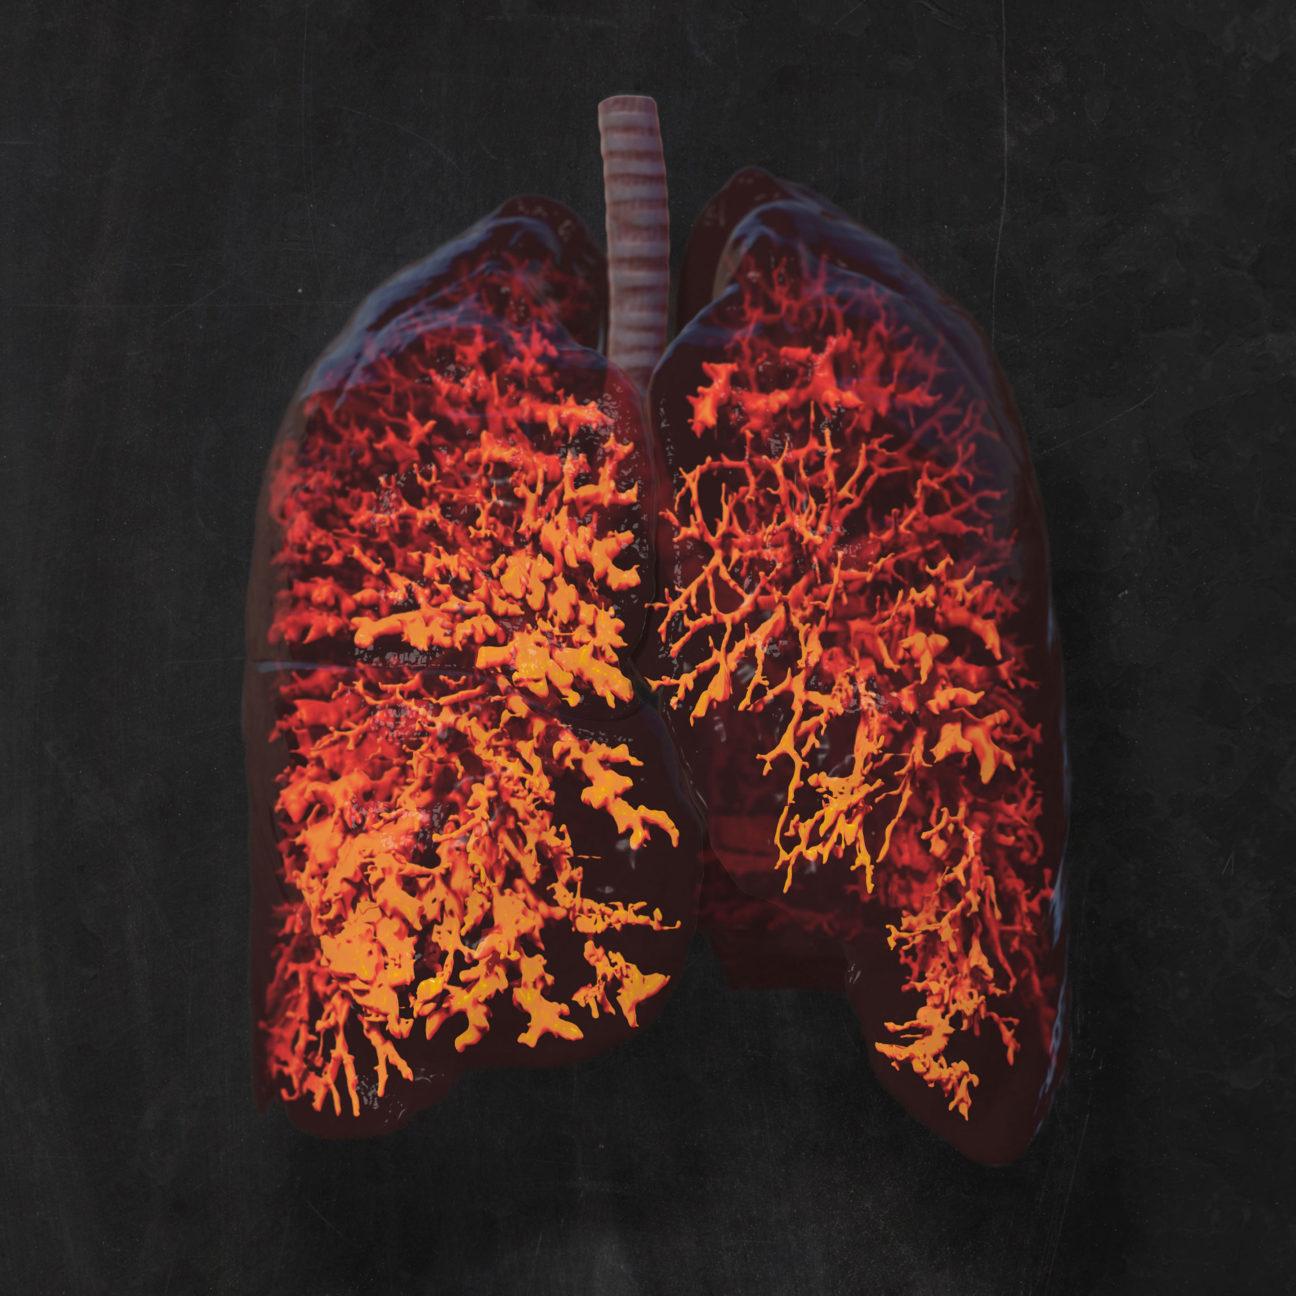 3D-Visualisierung: Durchsichte Lunge eines Mukoviszidose-Patienten mit Blick auf die krankhaft veränerten Atemwege (Bronchiektasen)